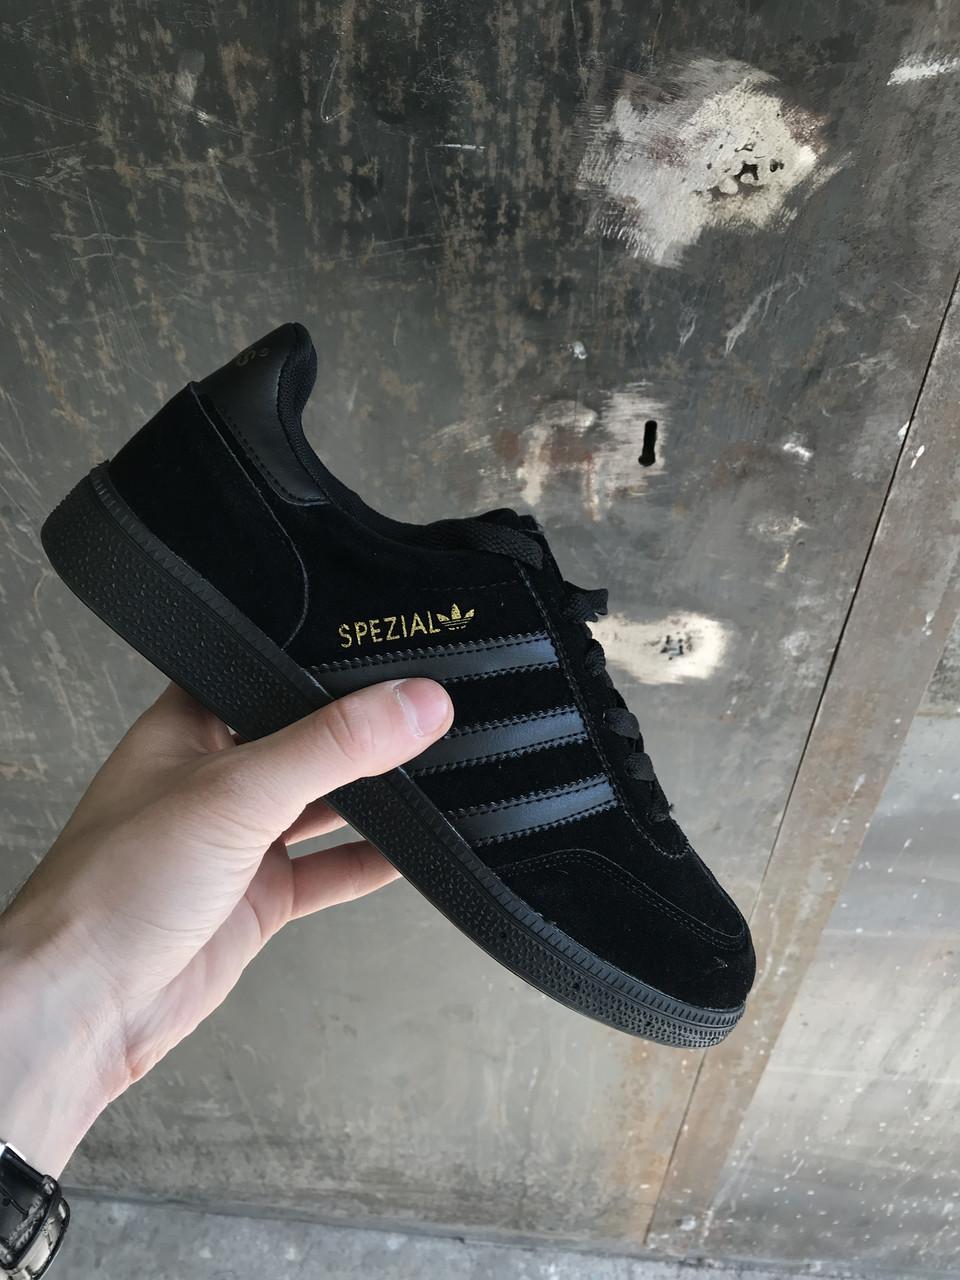 Кроссовки Adidas Spezial.Black (Адидас Специал/Спешл)